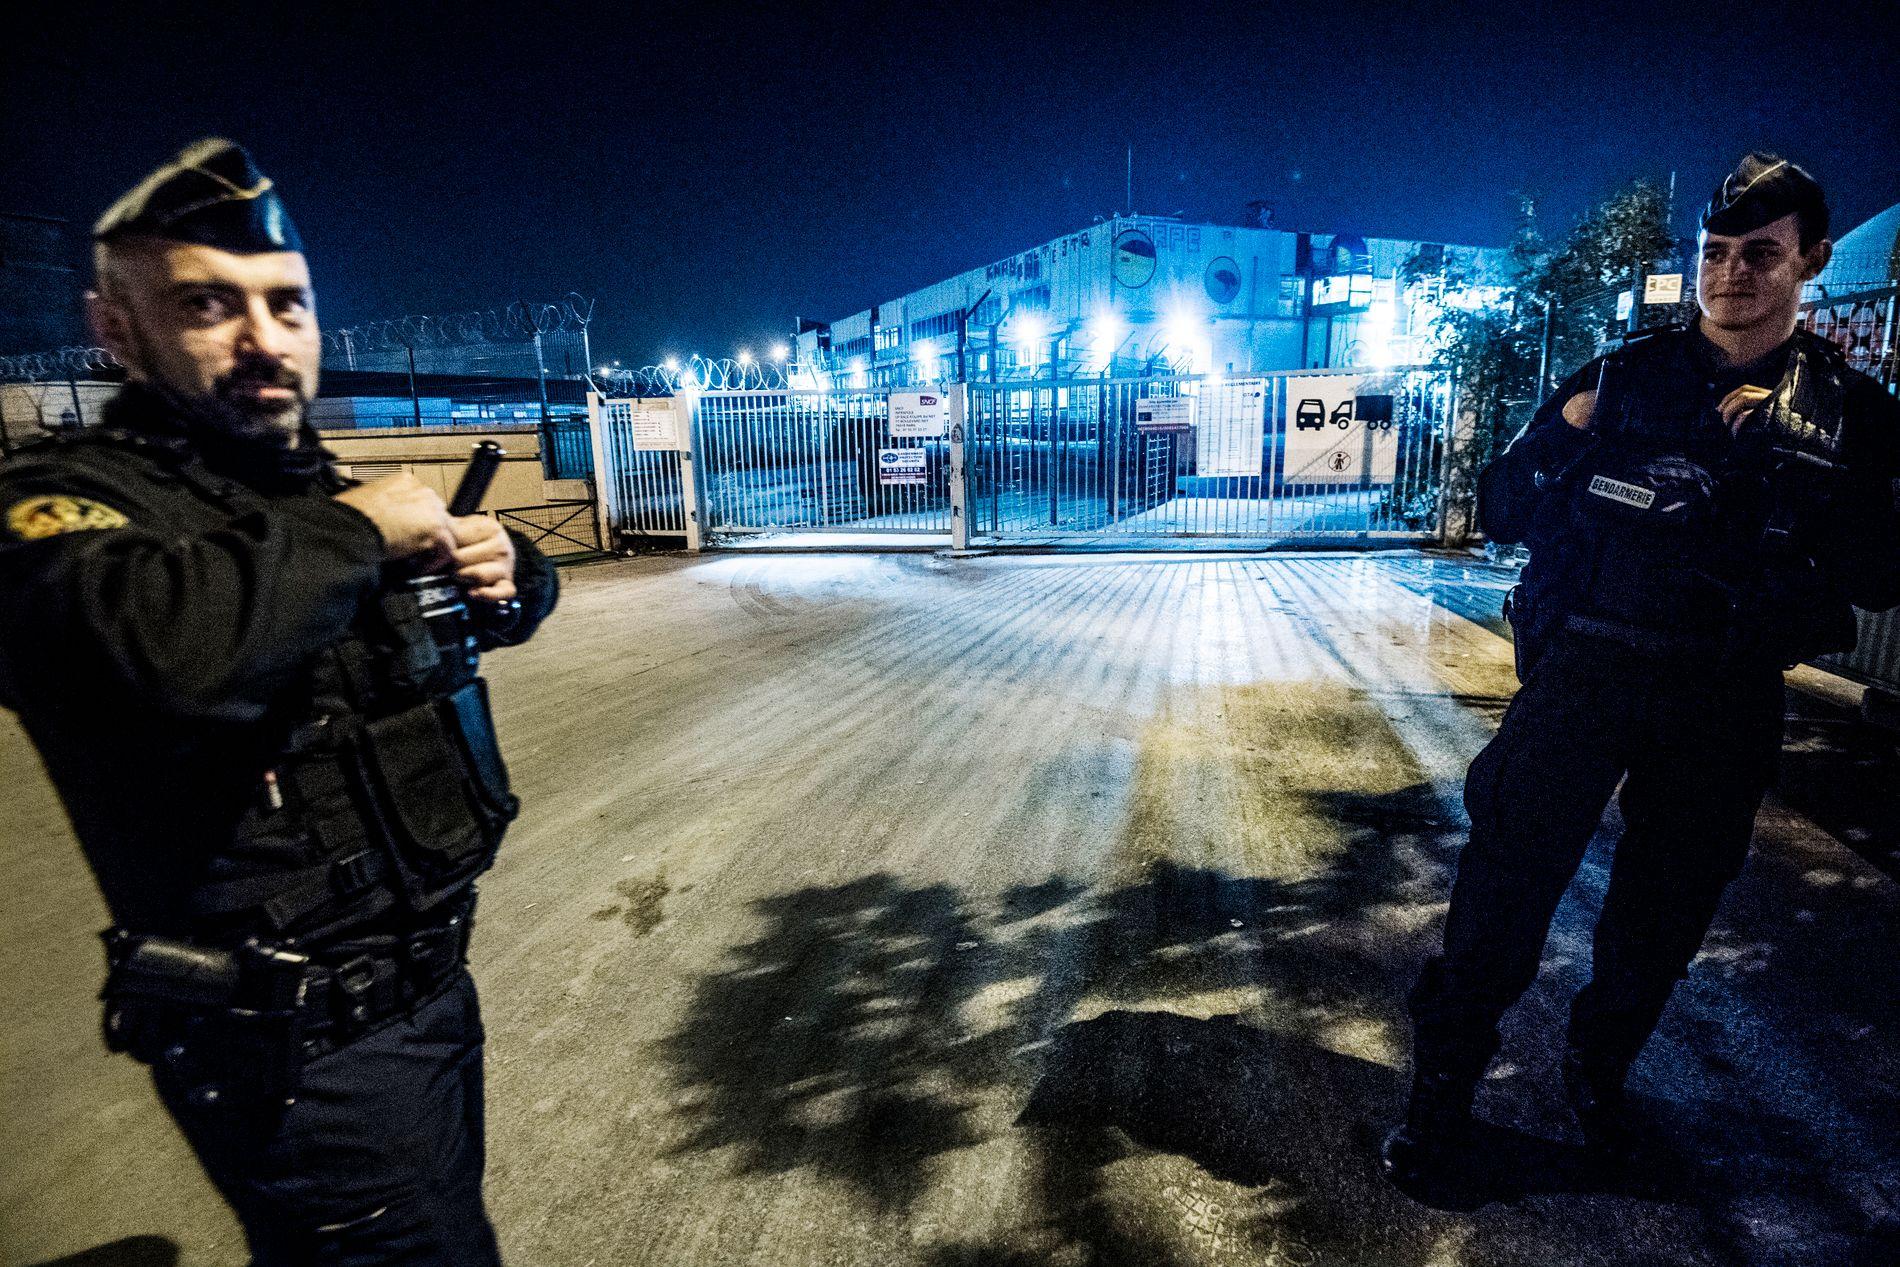 VIL HINDRE TELTLEIRER: I midten av september slo over 300 politifolk til for å rydde plassen ved Place de la Chapelle hvor 2500 migranter sov. En måned seere 2000 nye på plass i områdene rundt Gare du Nord i Paris, ifølge Le Figaro. Her holder politiet vakt i Port de la Chapelle, nær et gigantisk mottakssenter.